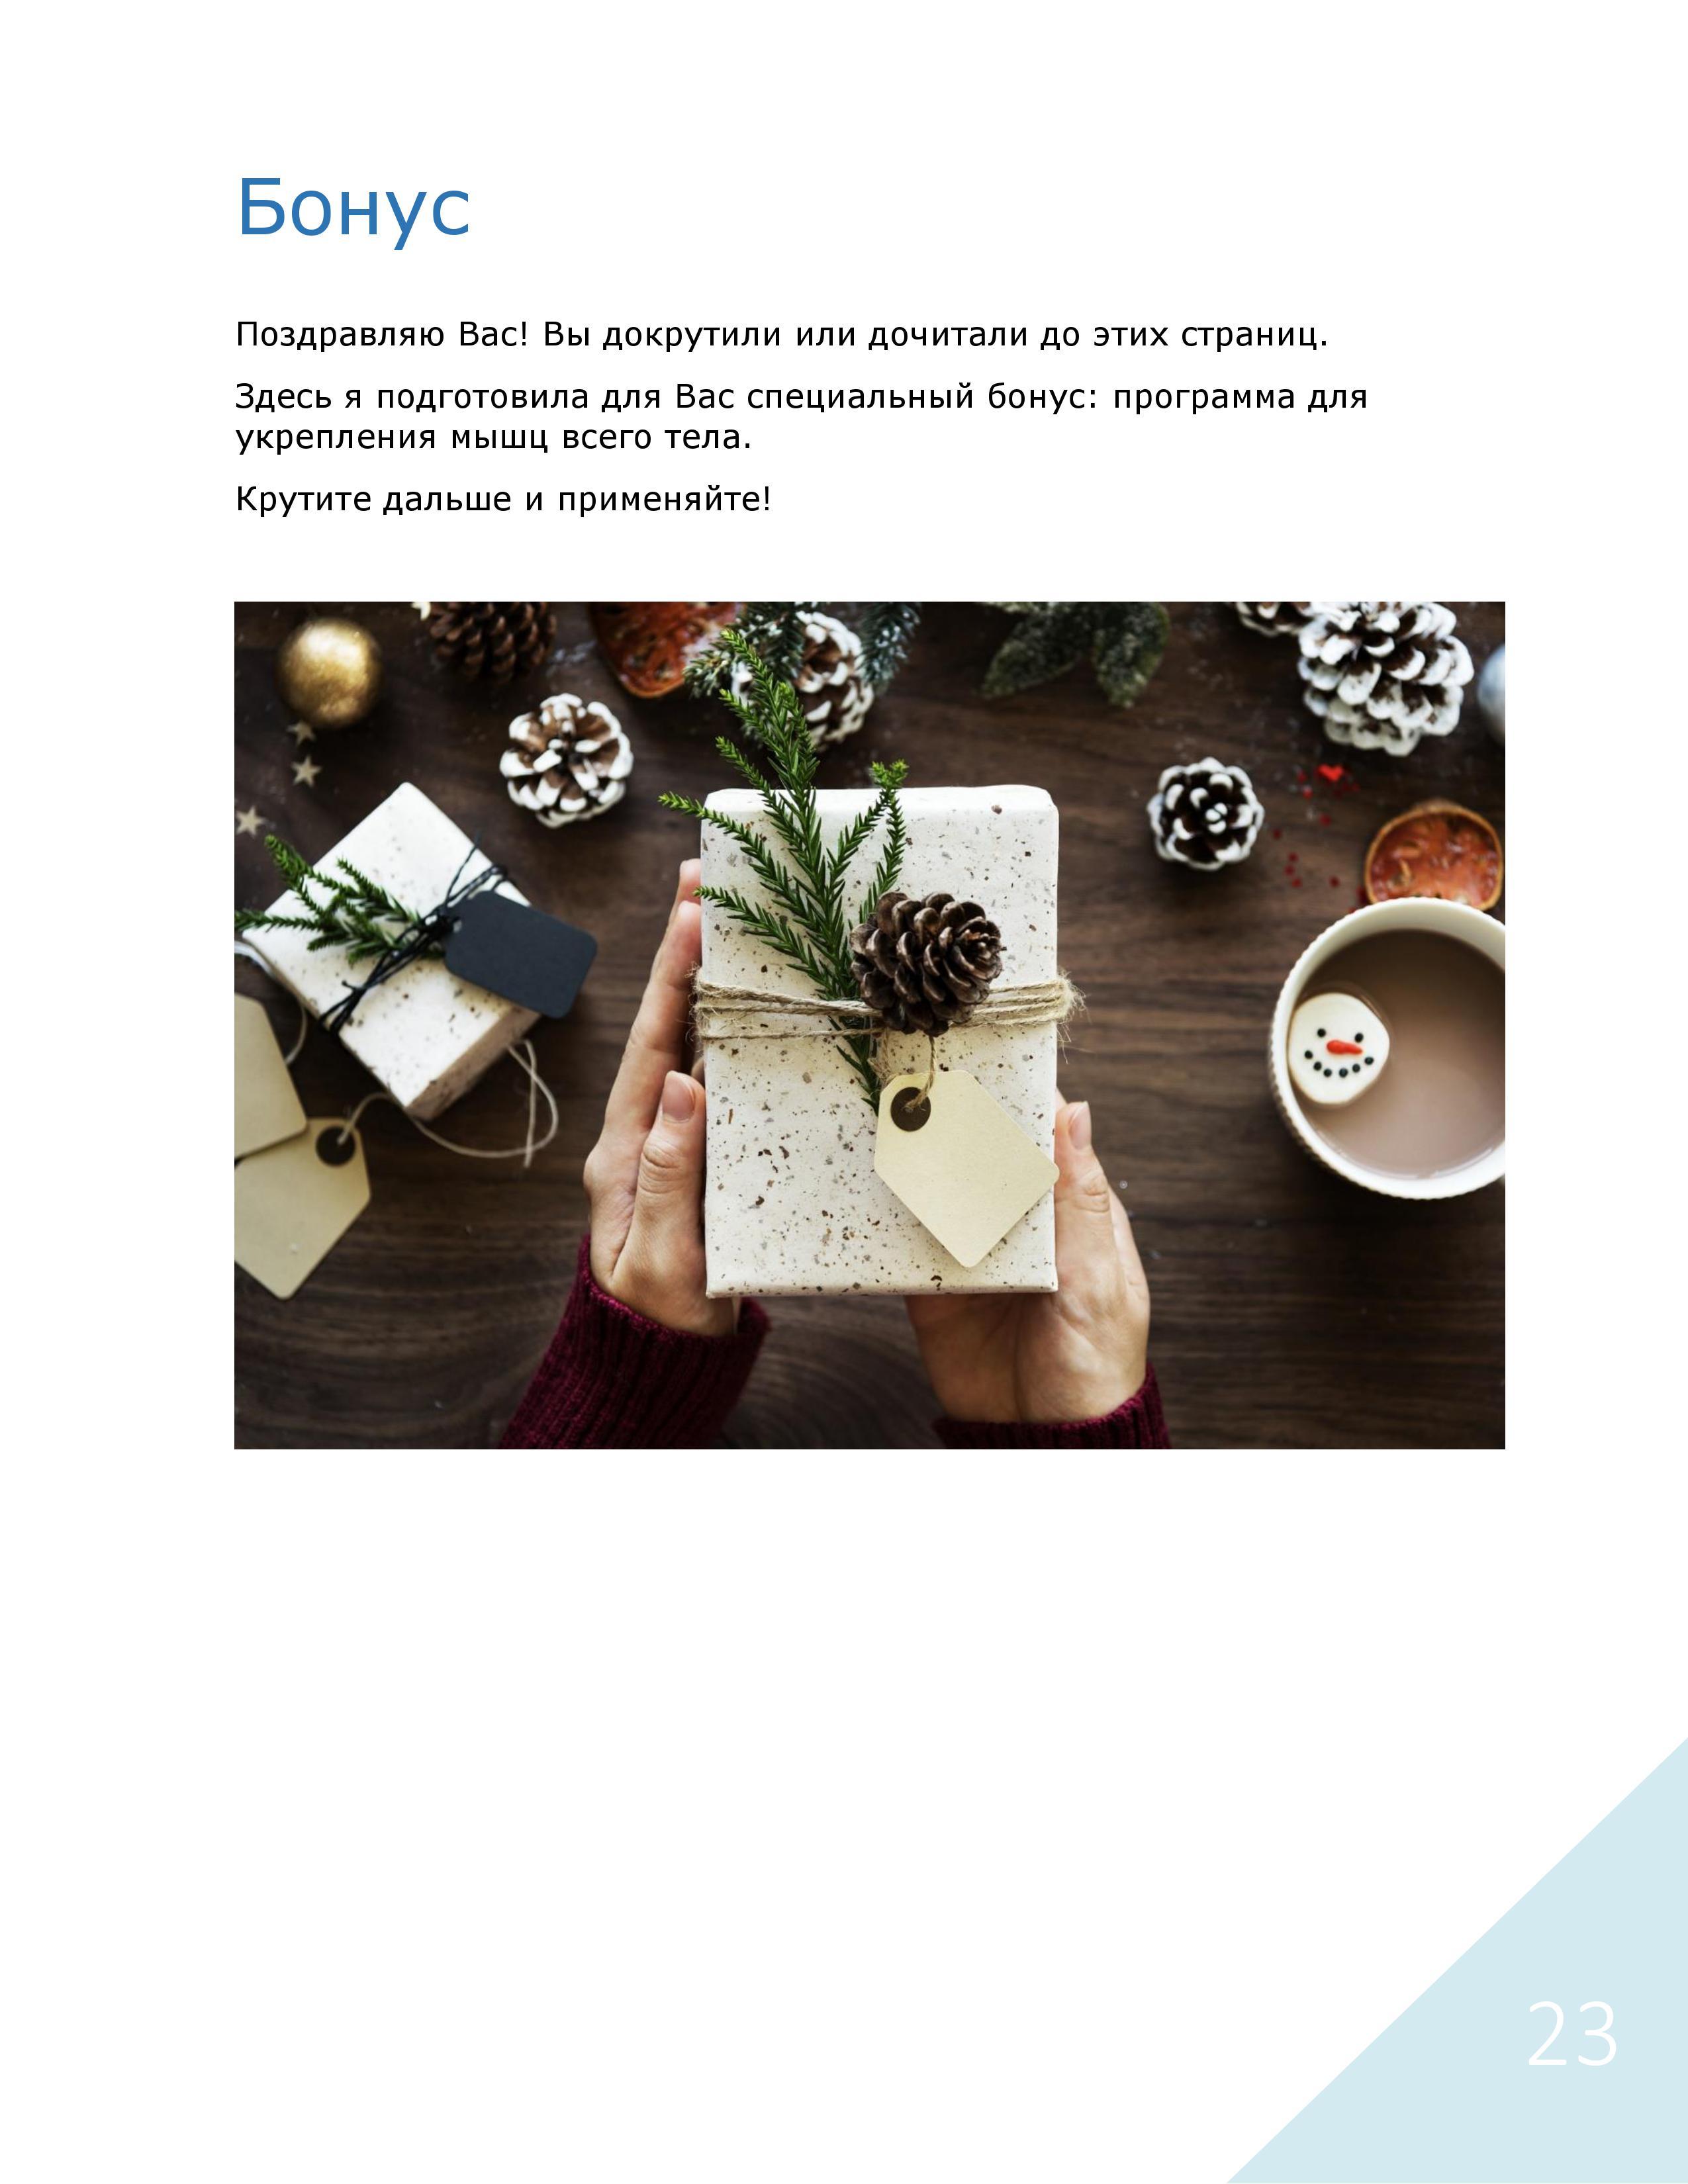 Идеальный пресс - это реально! (PDF) Электронная книга. Ольга Турова. Красота и Баланс